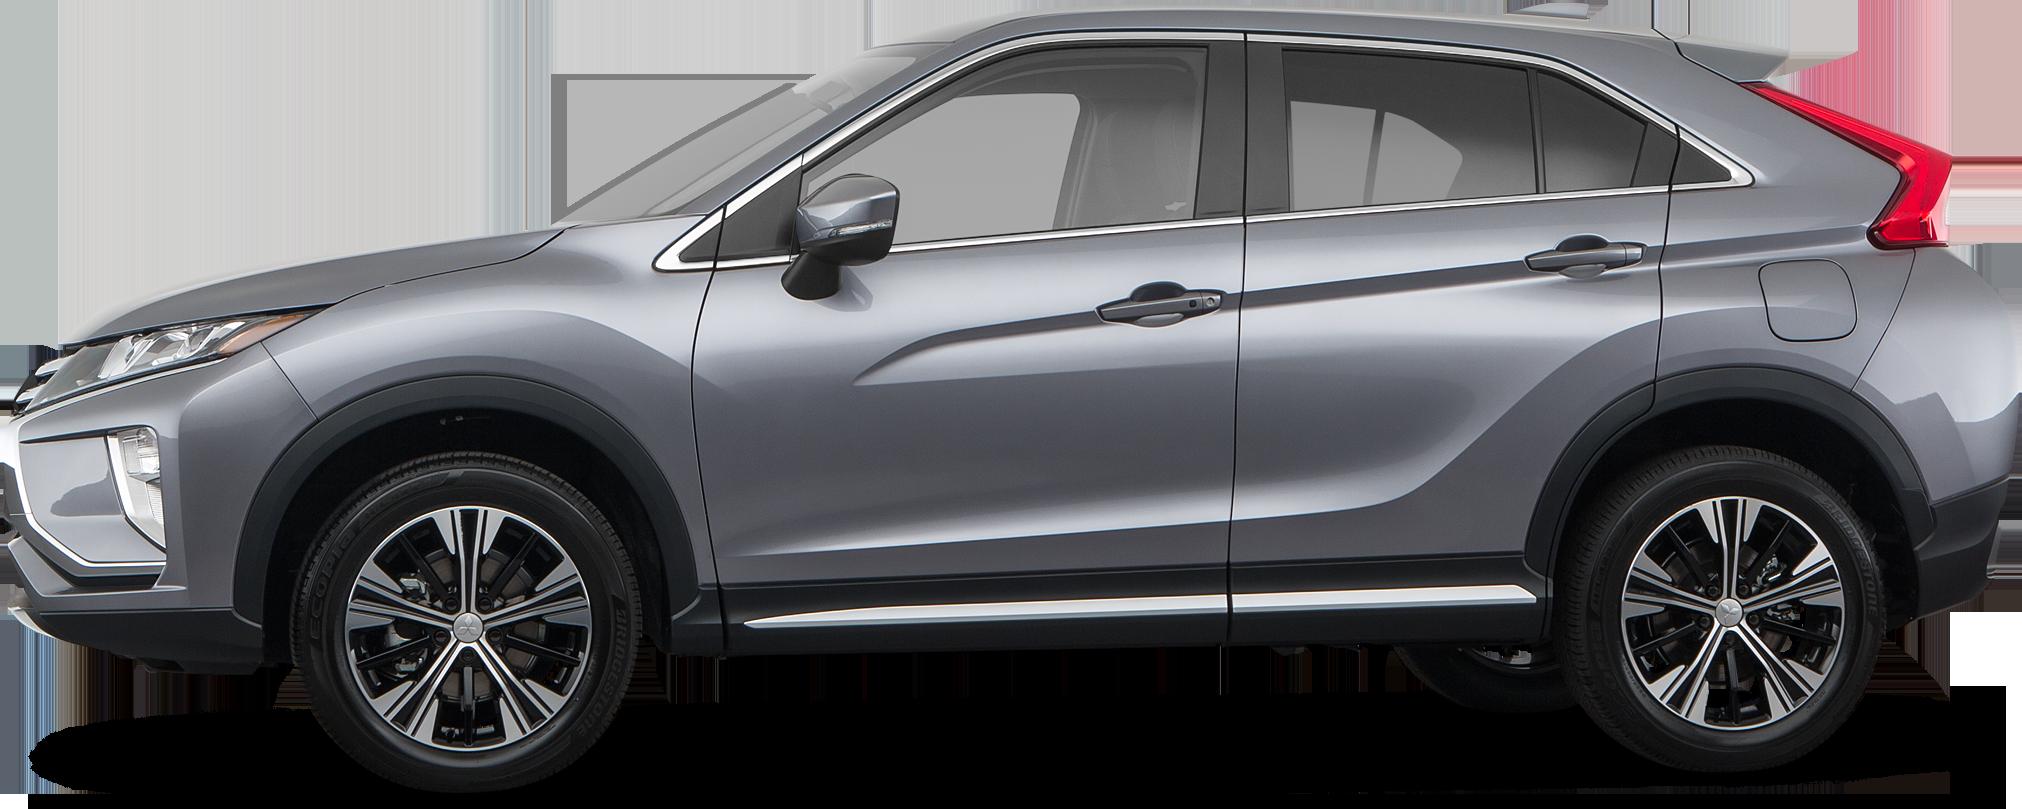 2018 Mitsubishi Eclipse Cross CUV 1.5 SE